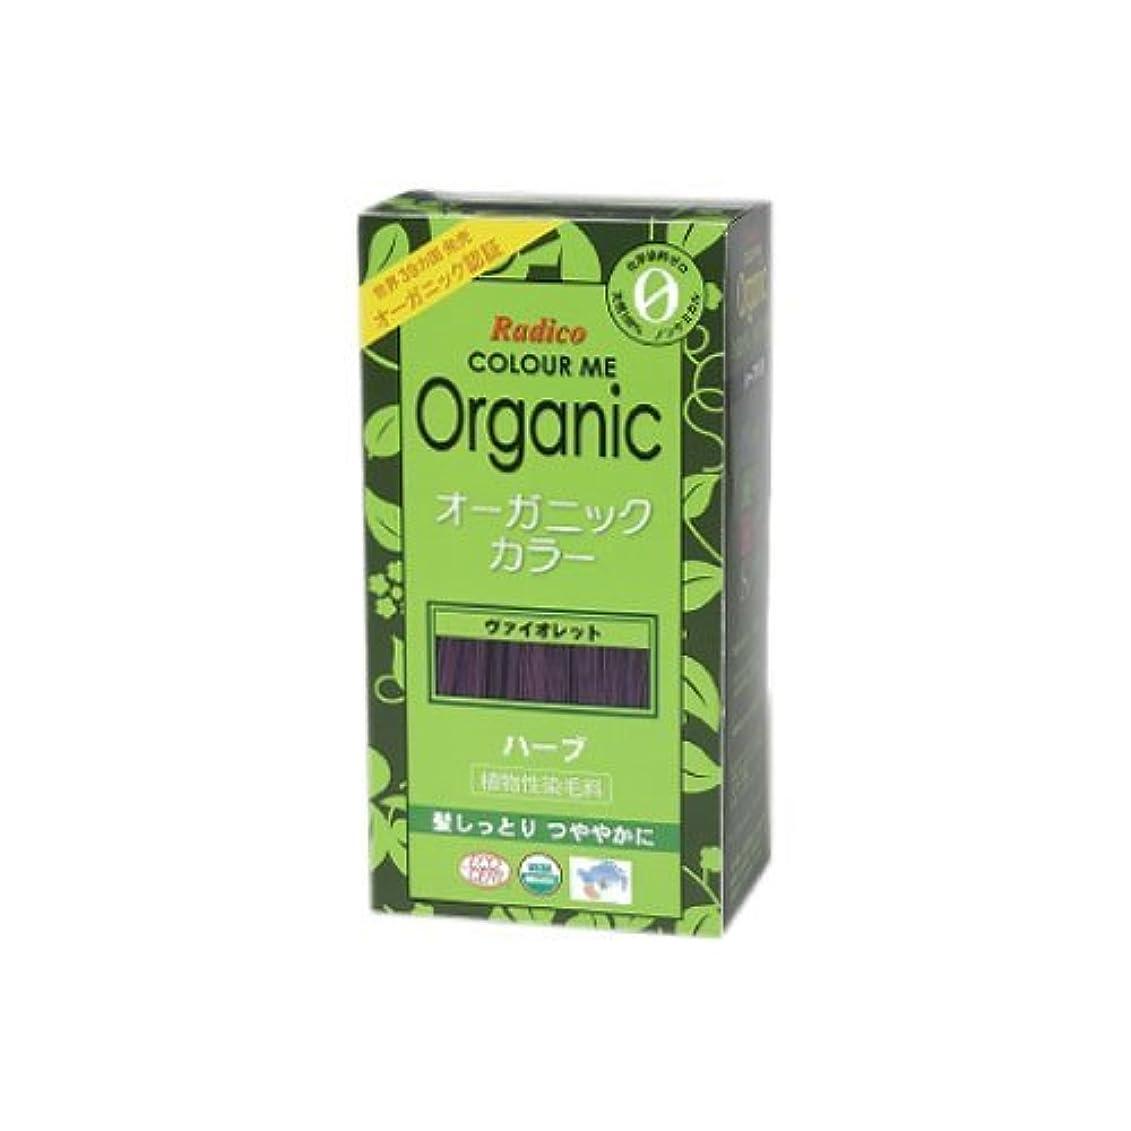 地獄売り手学部COLOURME Organic (カラーミーオーガニック ヘナ 白髪用 紫色) ヴァイオレット 100g